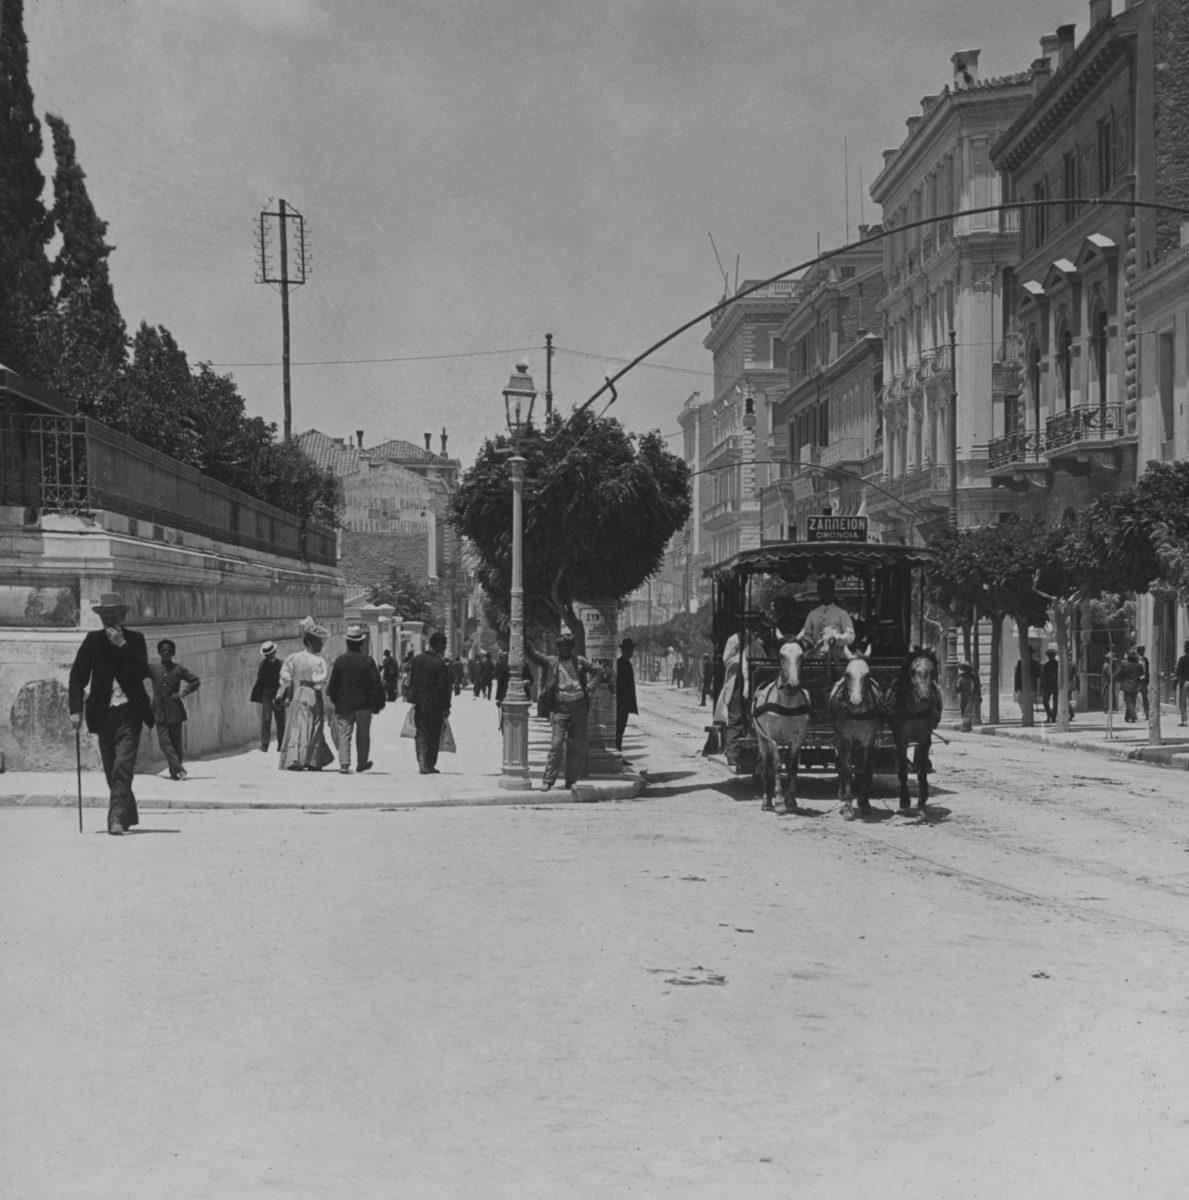 Η οδός Σταδίου στα τέλη του 19ου αιώνα. Άγνωστος φωτογράφος. Ευγενική παραχώρηση: Συλλογή Νίκου Πολίτη.